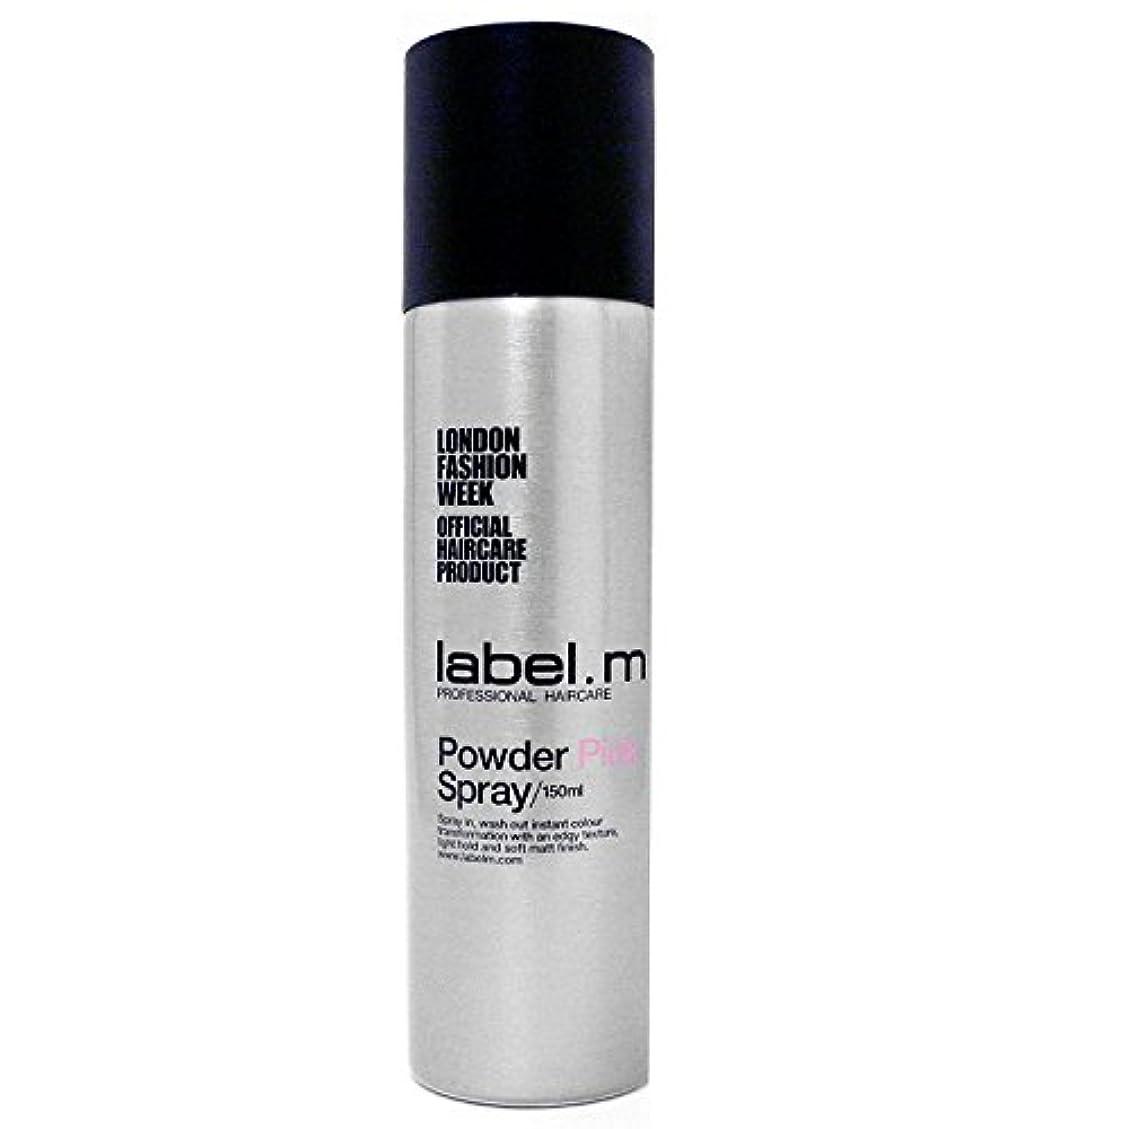 動詞スムーズに細分化するLabel.M Professional Haircare ラベルMパウダーピンクの5オズ(150ミリリットル)をスプレー 5オンス